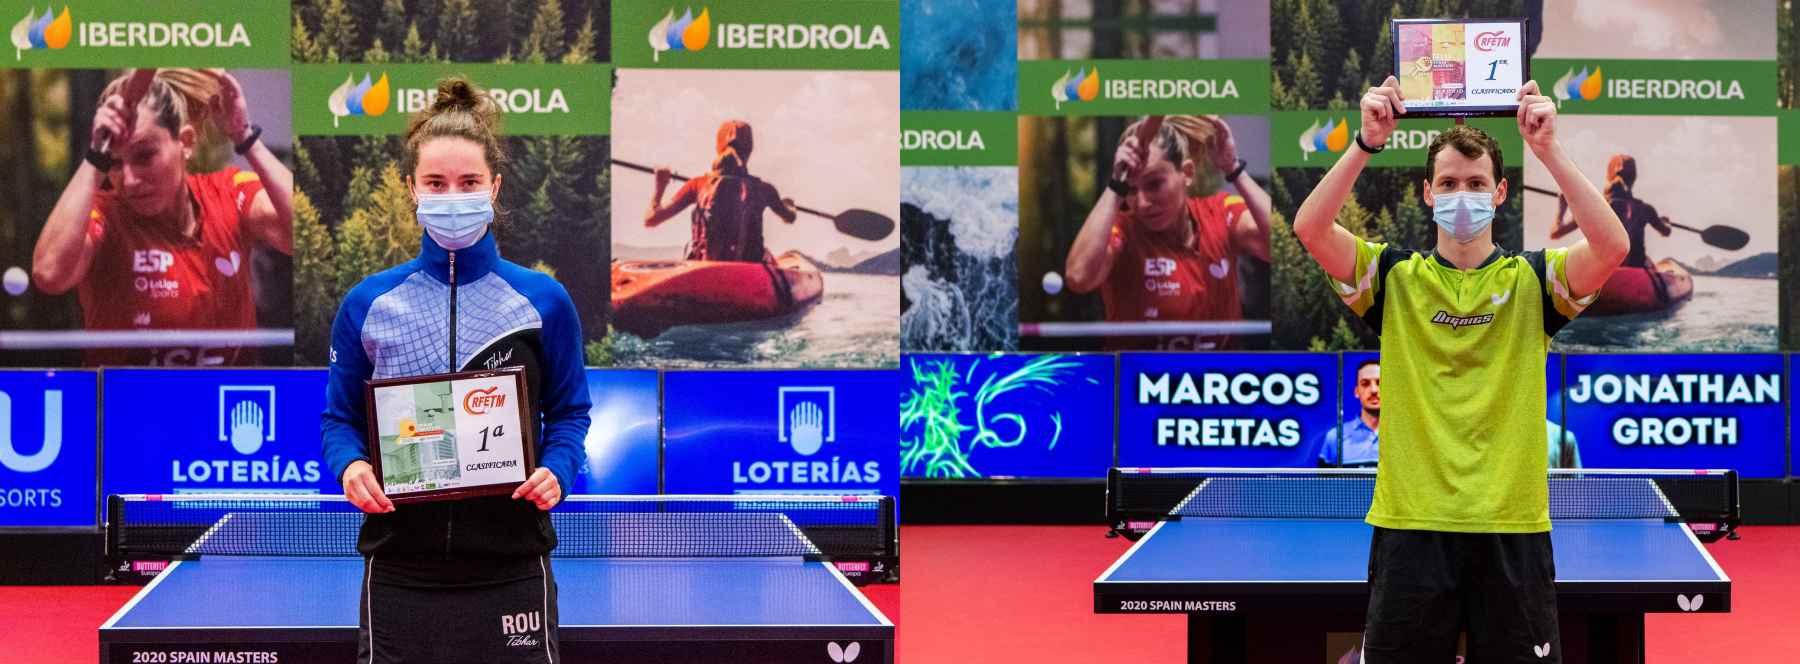 Campeones II Spain Masters 2020